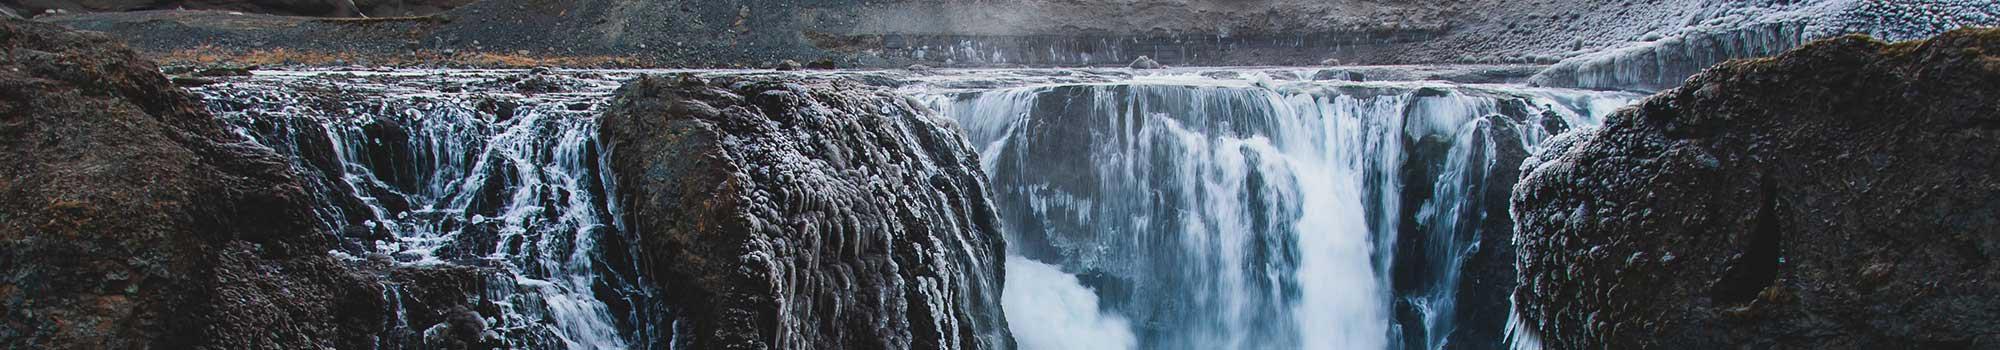 兰德曼劳卡高地瀑布水雾